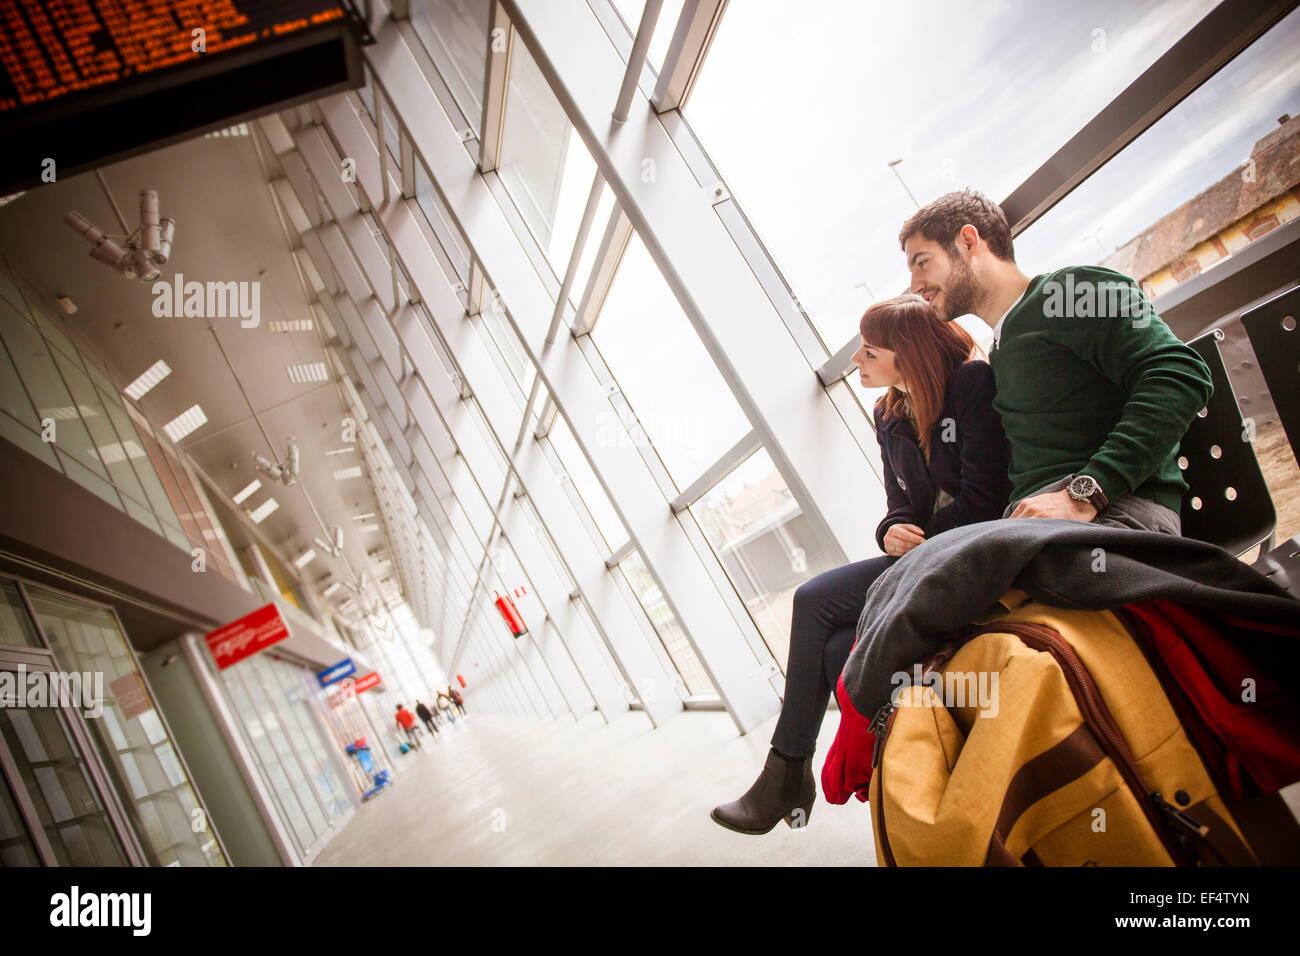 Jeune couple en attente dans bâtiment de l'aéroport Photo Stock